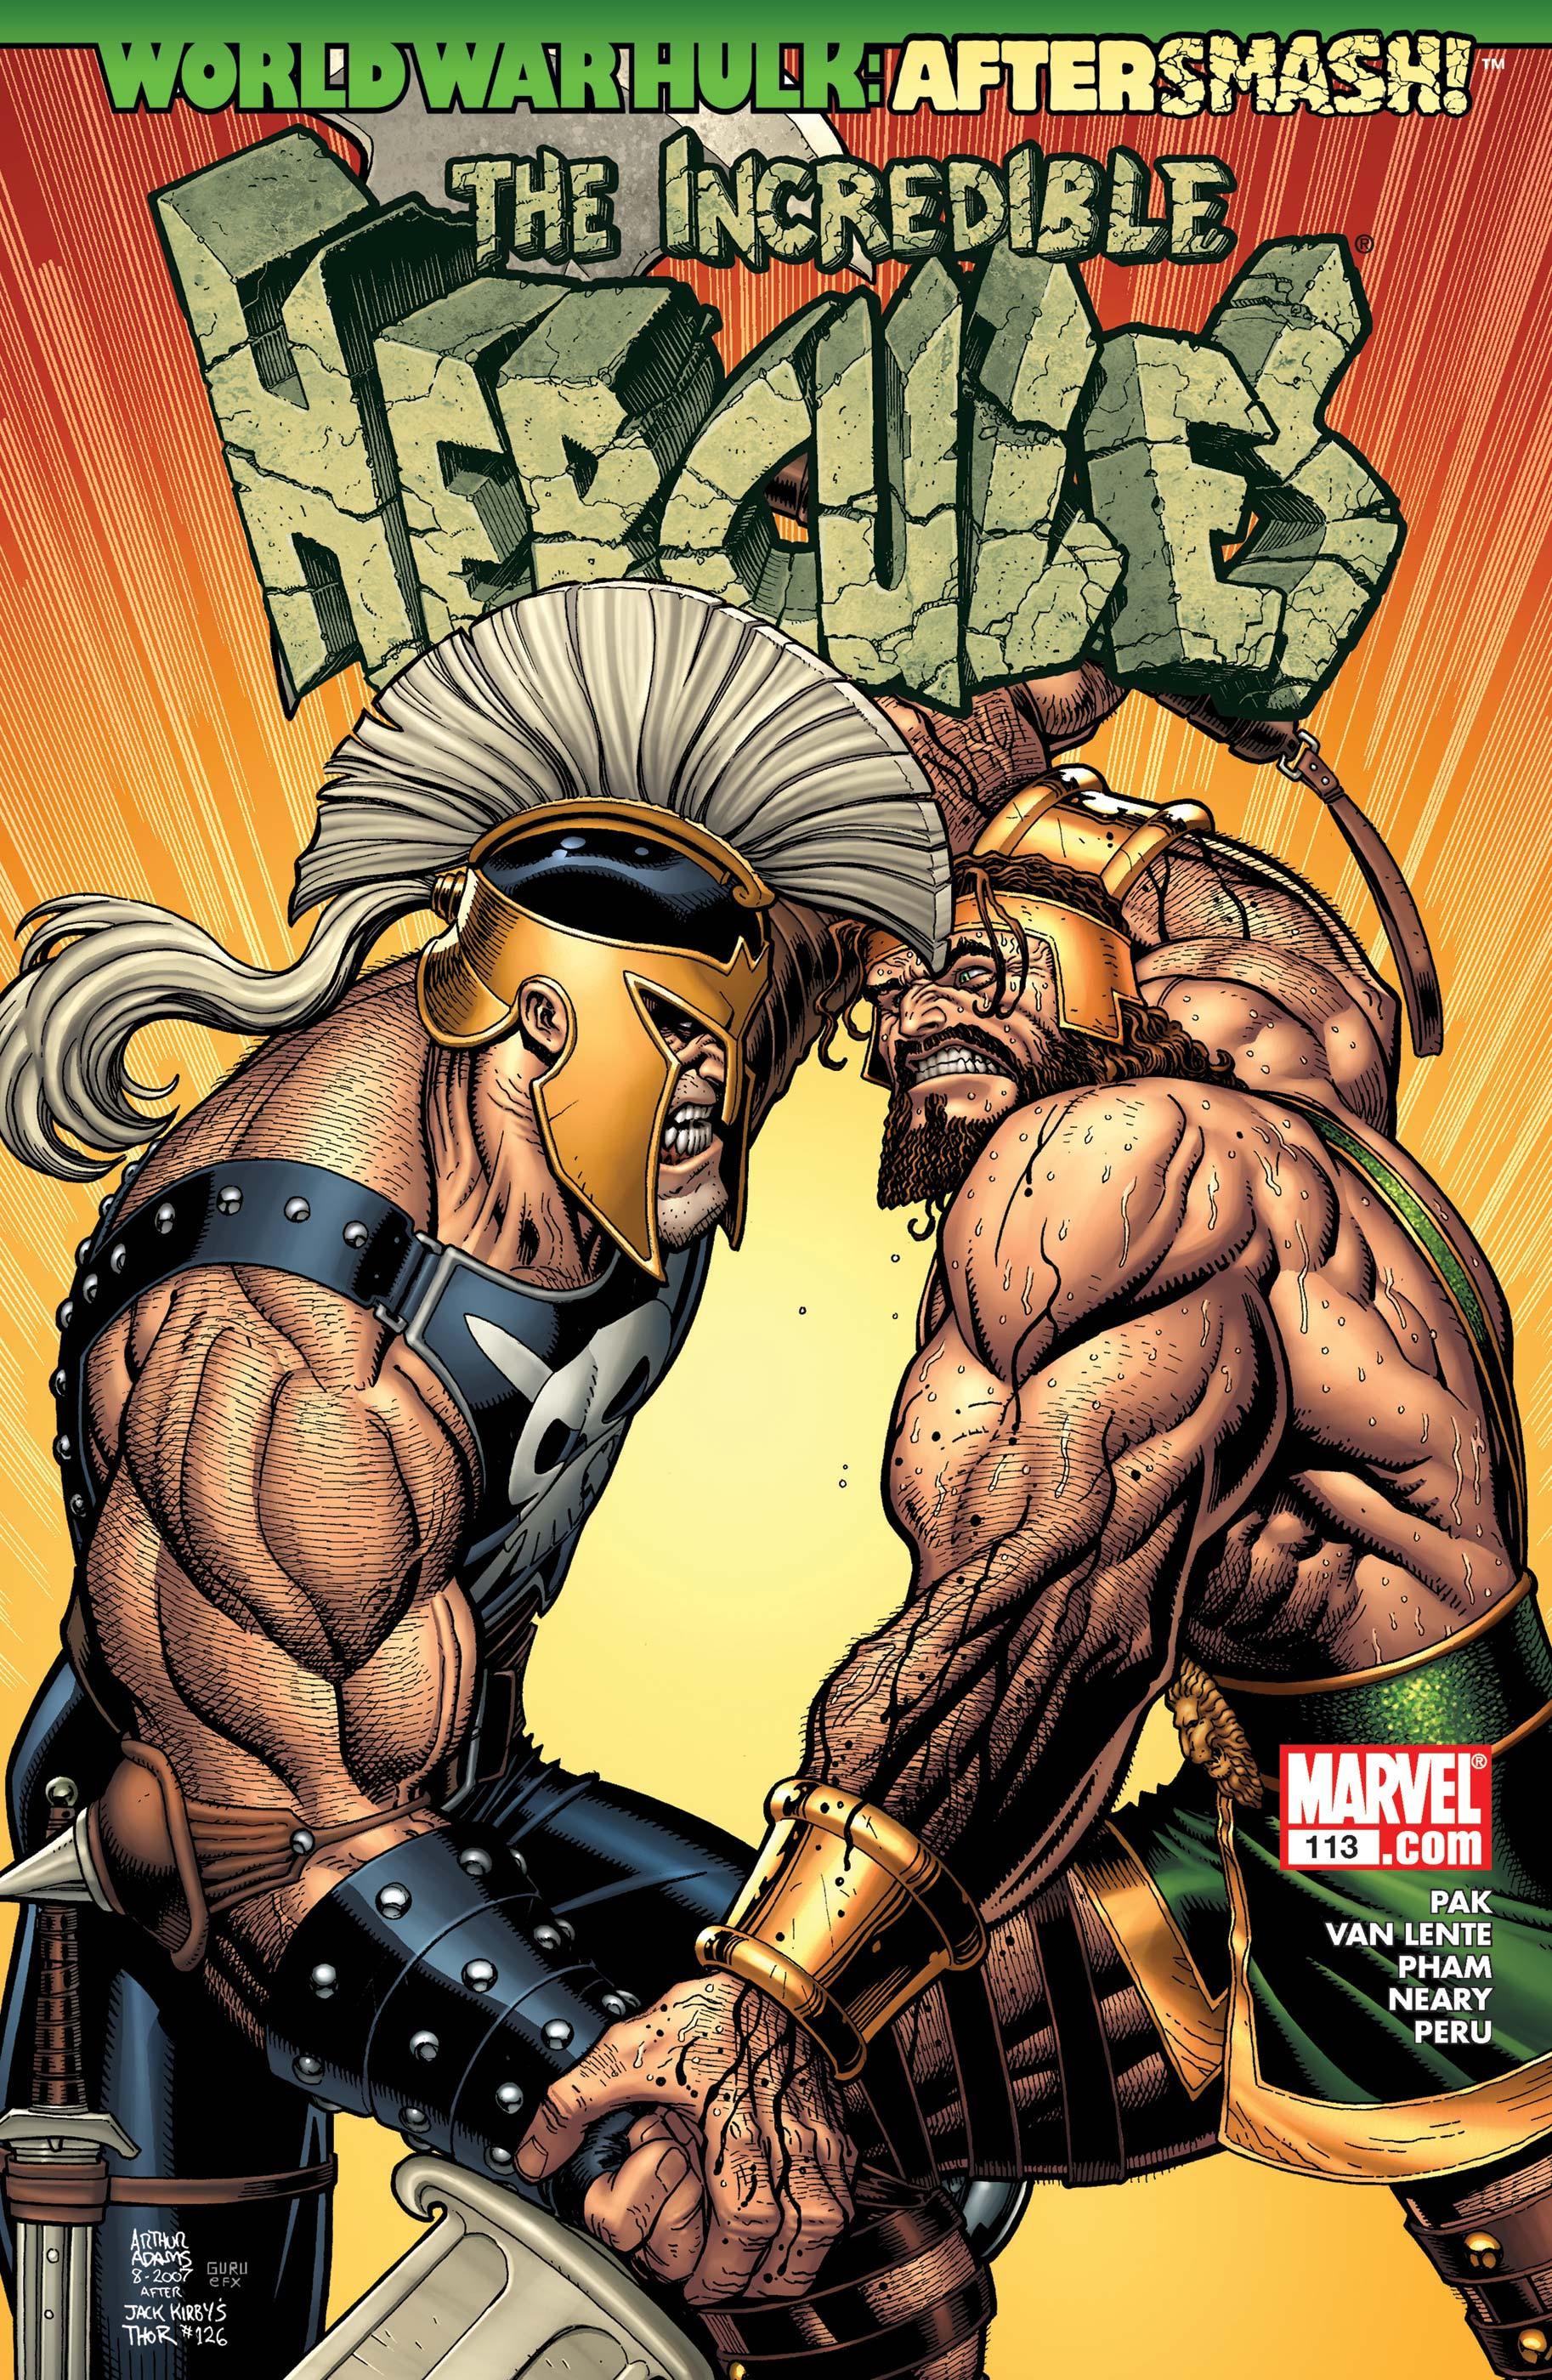 Incredible Hercules (2008) #113